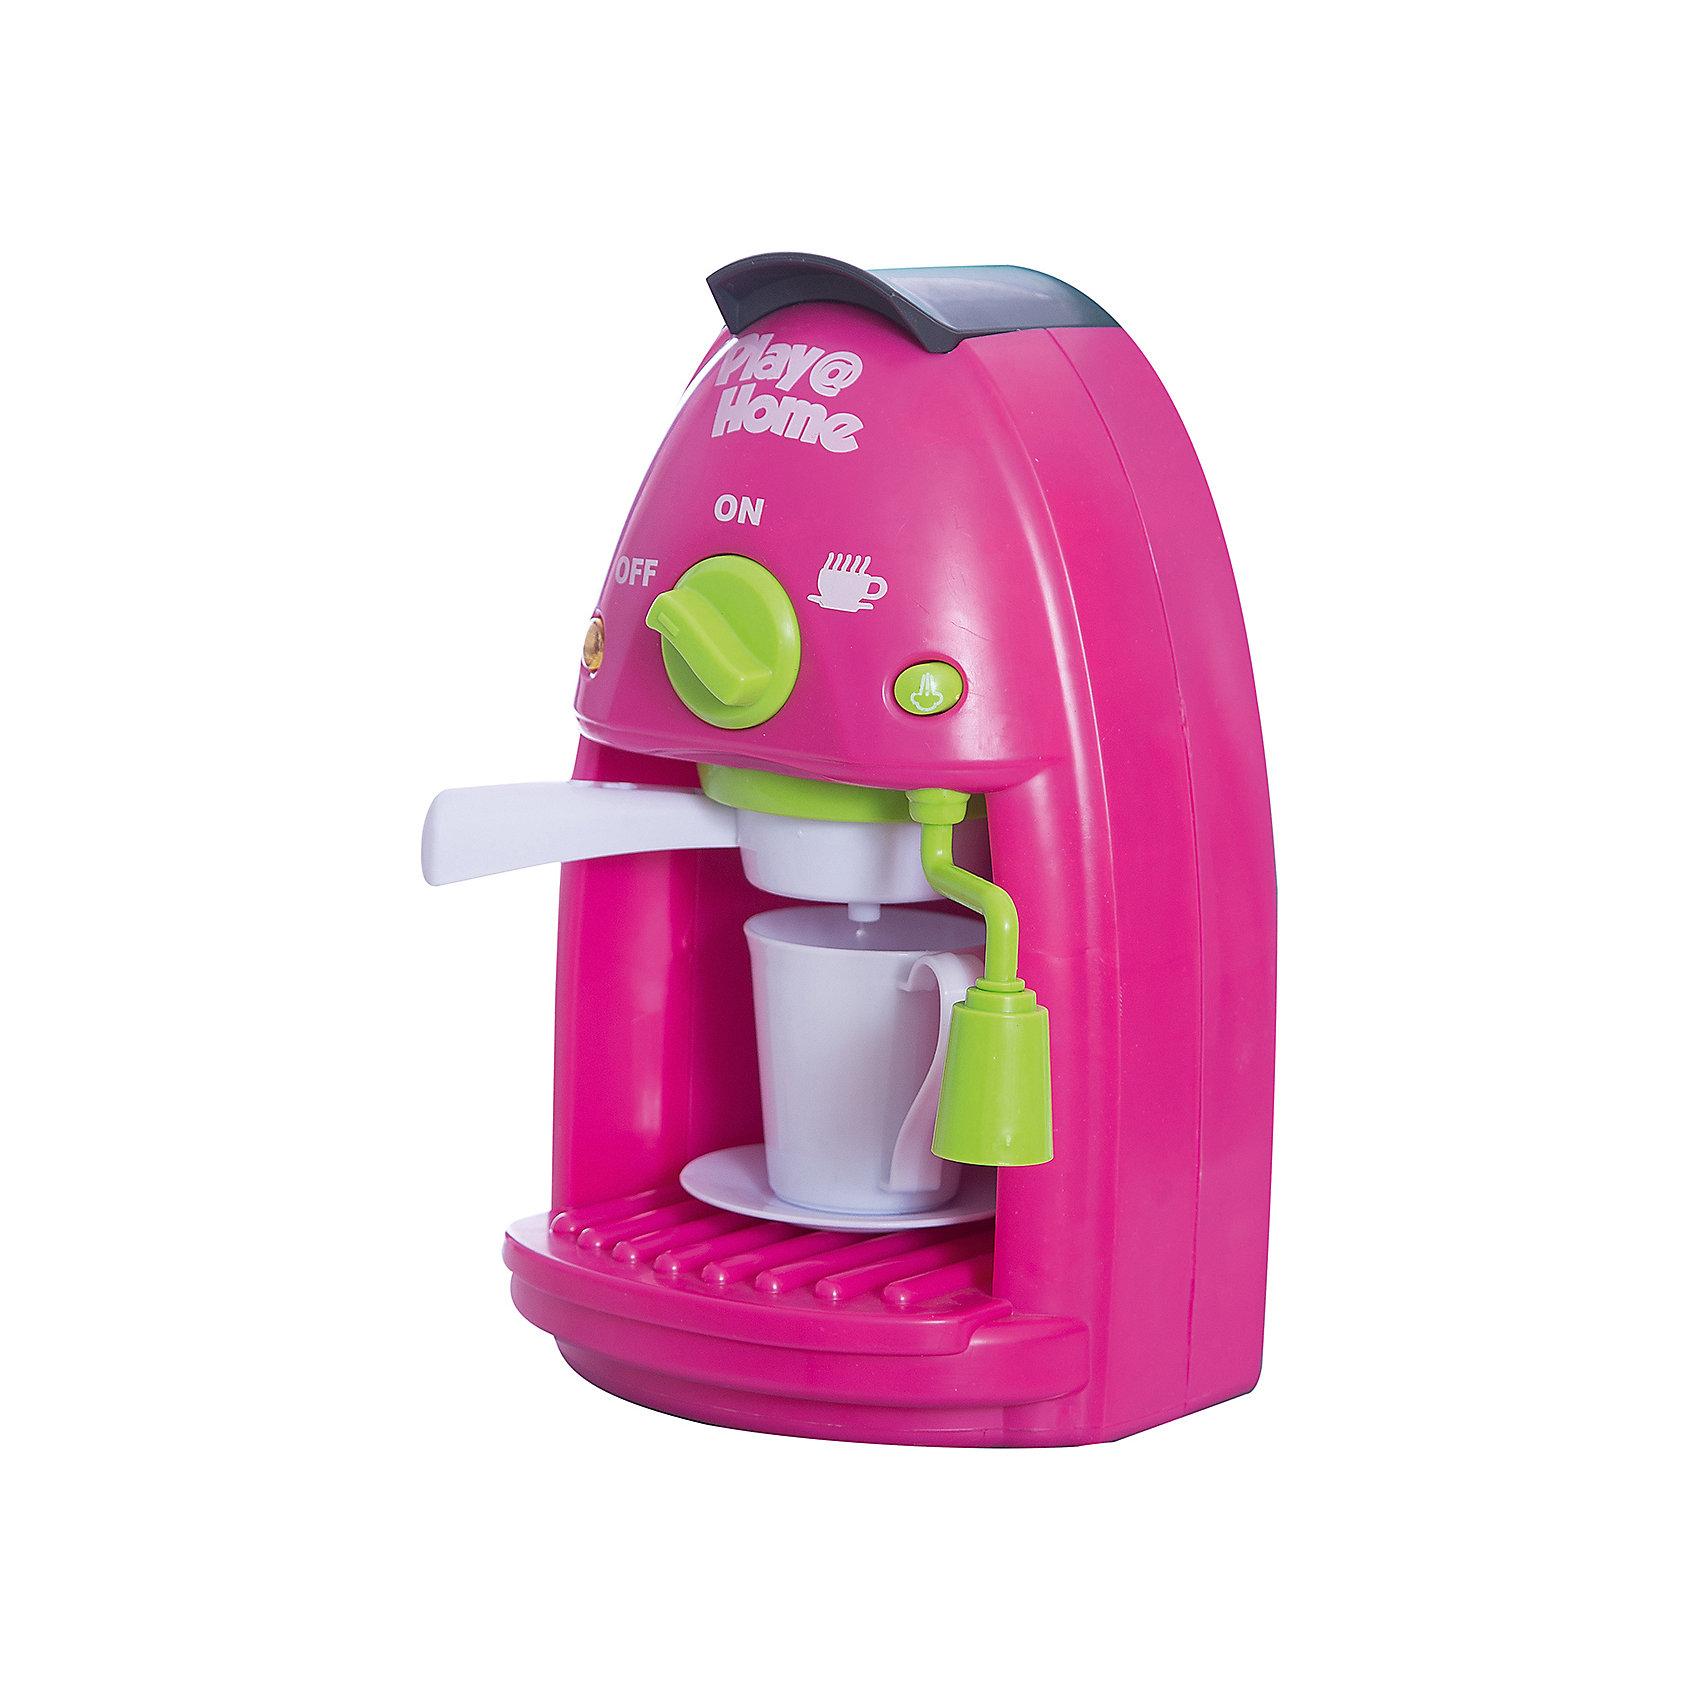 Кофеварка (Try Me), KeenwayИгрушечная бытовая техника<br>Кофеварка от Keenway - отличный подарок ребенку. Это красочная игрушка, которая обязательно понравится девочке. Она выполнена в виде кофеварки и набора посуды. Для большей реалистичности она оснащена звуковыми и световыми эффектами. Замечательный игровой набор надолго увлечет девочку!<br>Игрушка по габаритам идеально подходит для маленьких ручек малыша. Весит совсем немного. Такие игрушки помогают развить мелкую моторику, логическое мышление и воображение ребенка. Эта игрушка выполнена из высококачественного прочного пластика, безопасного для детей.<br>  <br>Дополнительная информация:<br><br>цвет: разноцветный;<br>материал: пластик;<br>размер упаковки:  20,32 х 11,43 х 26,04 см;<br>батарейки: 3ХхАА, в комплекте;<br>комплектация: кофеварка, чашка и блюдце;<br>вес: 550 г.<br><br>Кофеварку от компании Keenway можно купить в нашем магазине.<br><br>Ширина мм: 108<br>Глубина мм: 285<br>Высота мм: 152<br>Вес г: 550<br>Возраст от месяцев: 36<br>Возраст до месяцев: 120<br>Пол: Женский<br>Возраст: Детский<br>SKU: 4810967